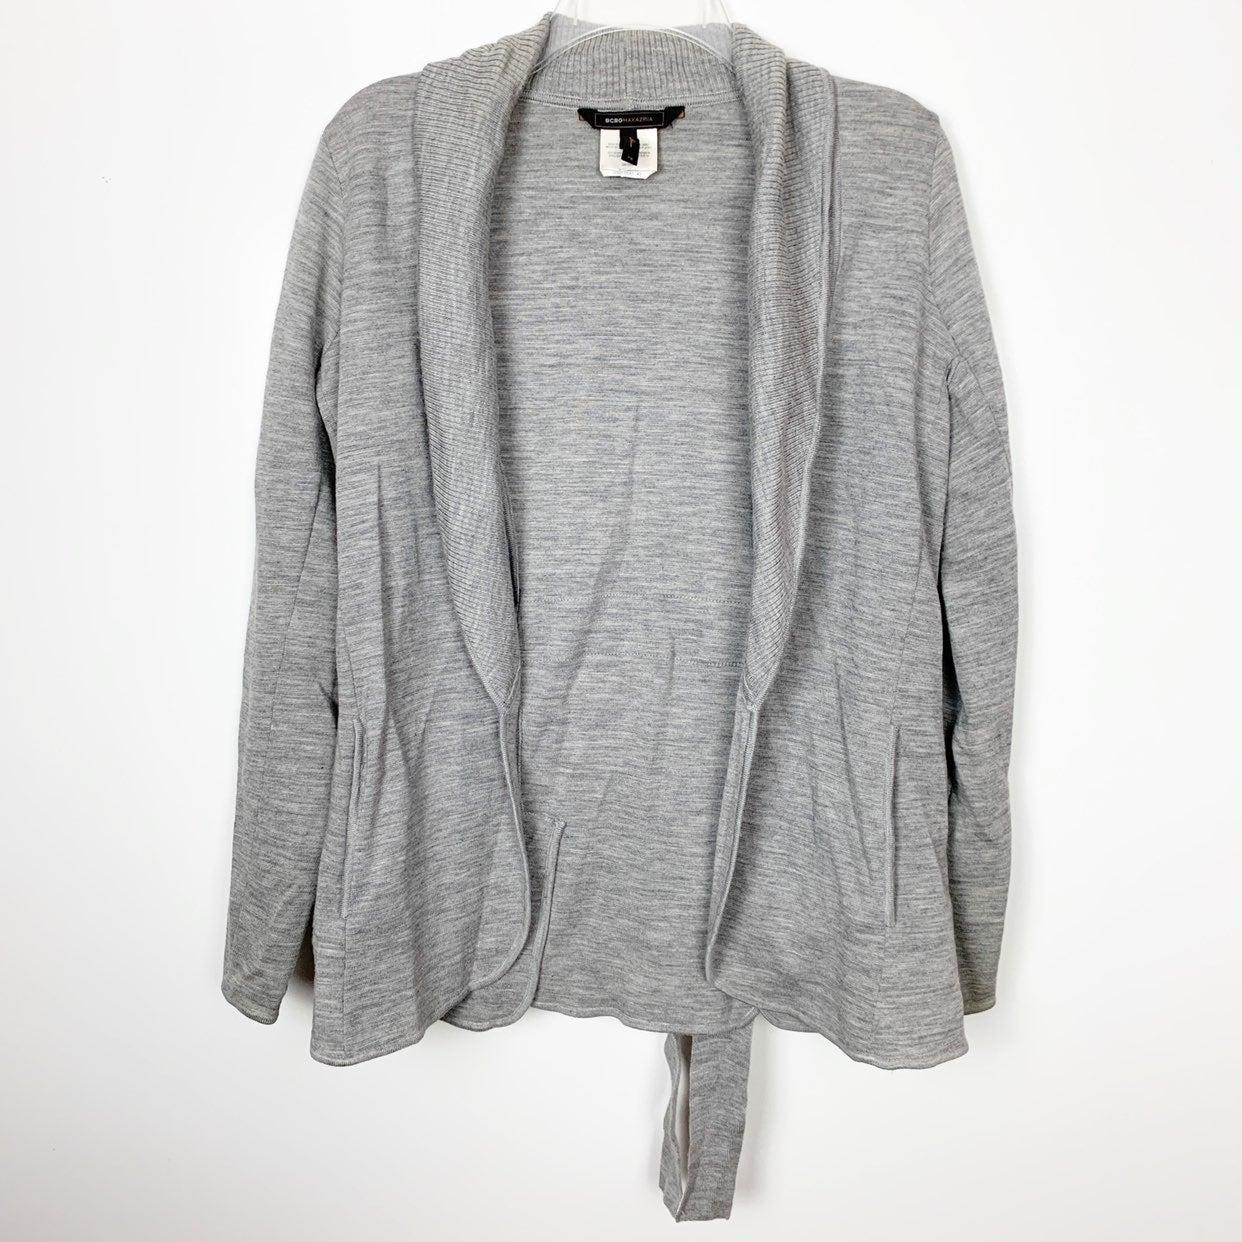 BCBGMaxAzria Grey Knit Cardigan Sweater